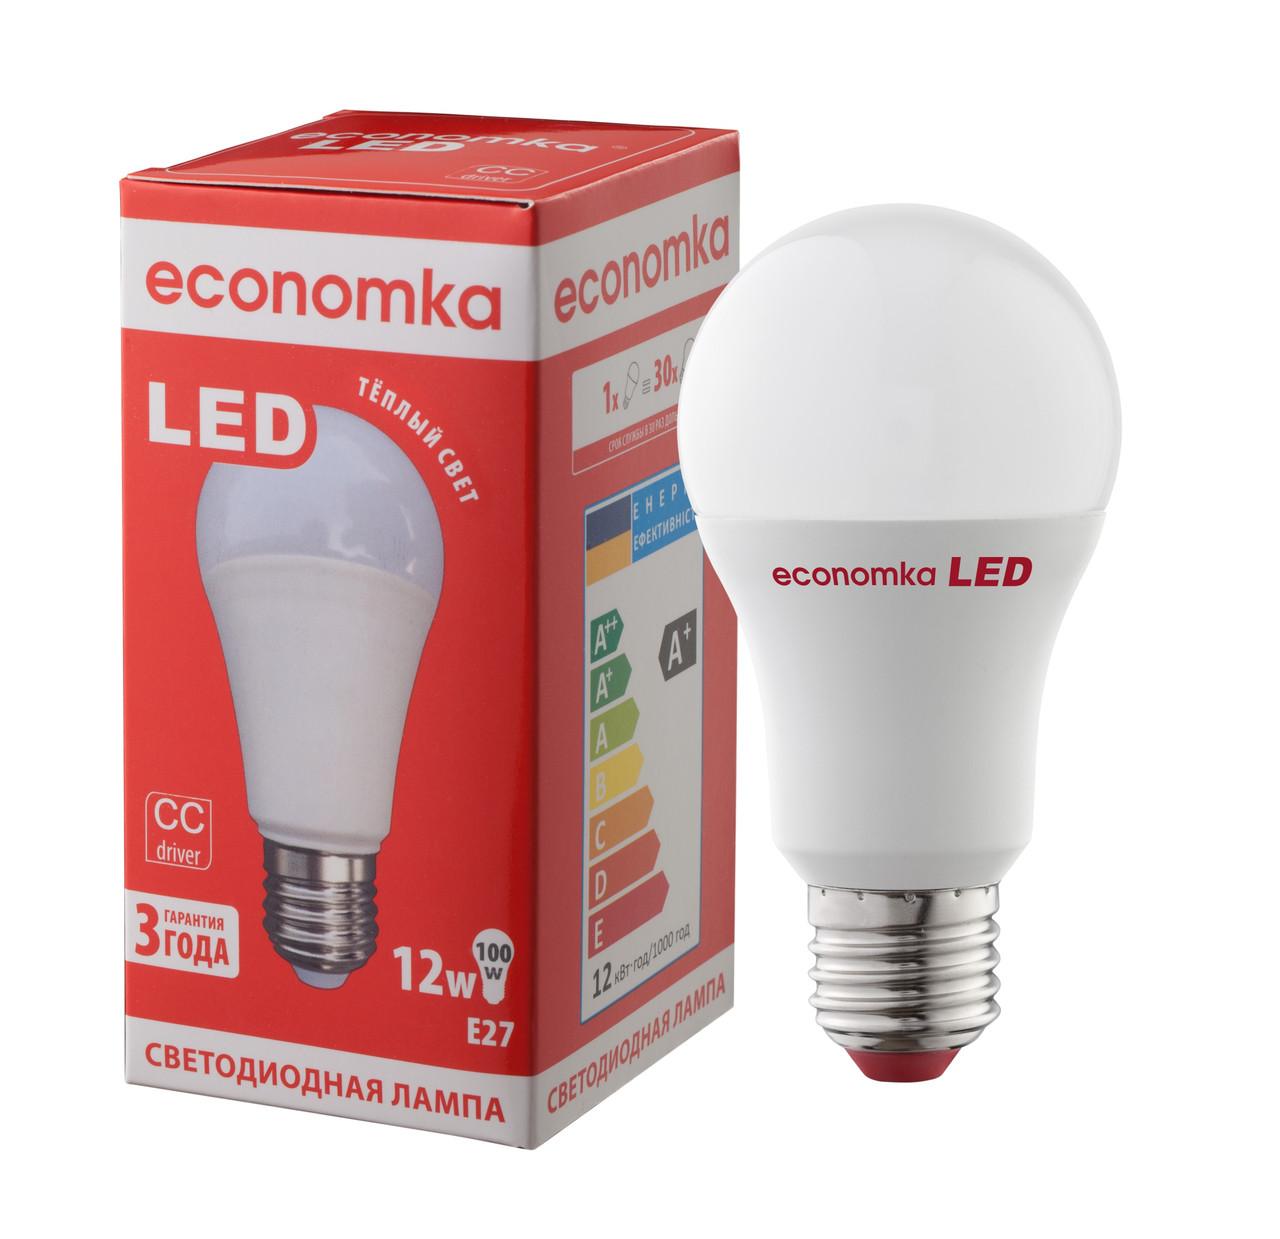 Светодиодная лампа Economka LED 12W Е27-2800К